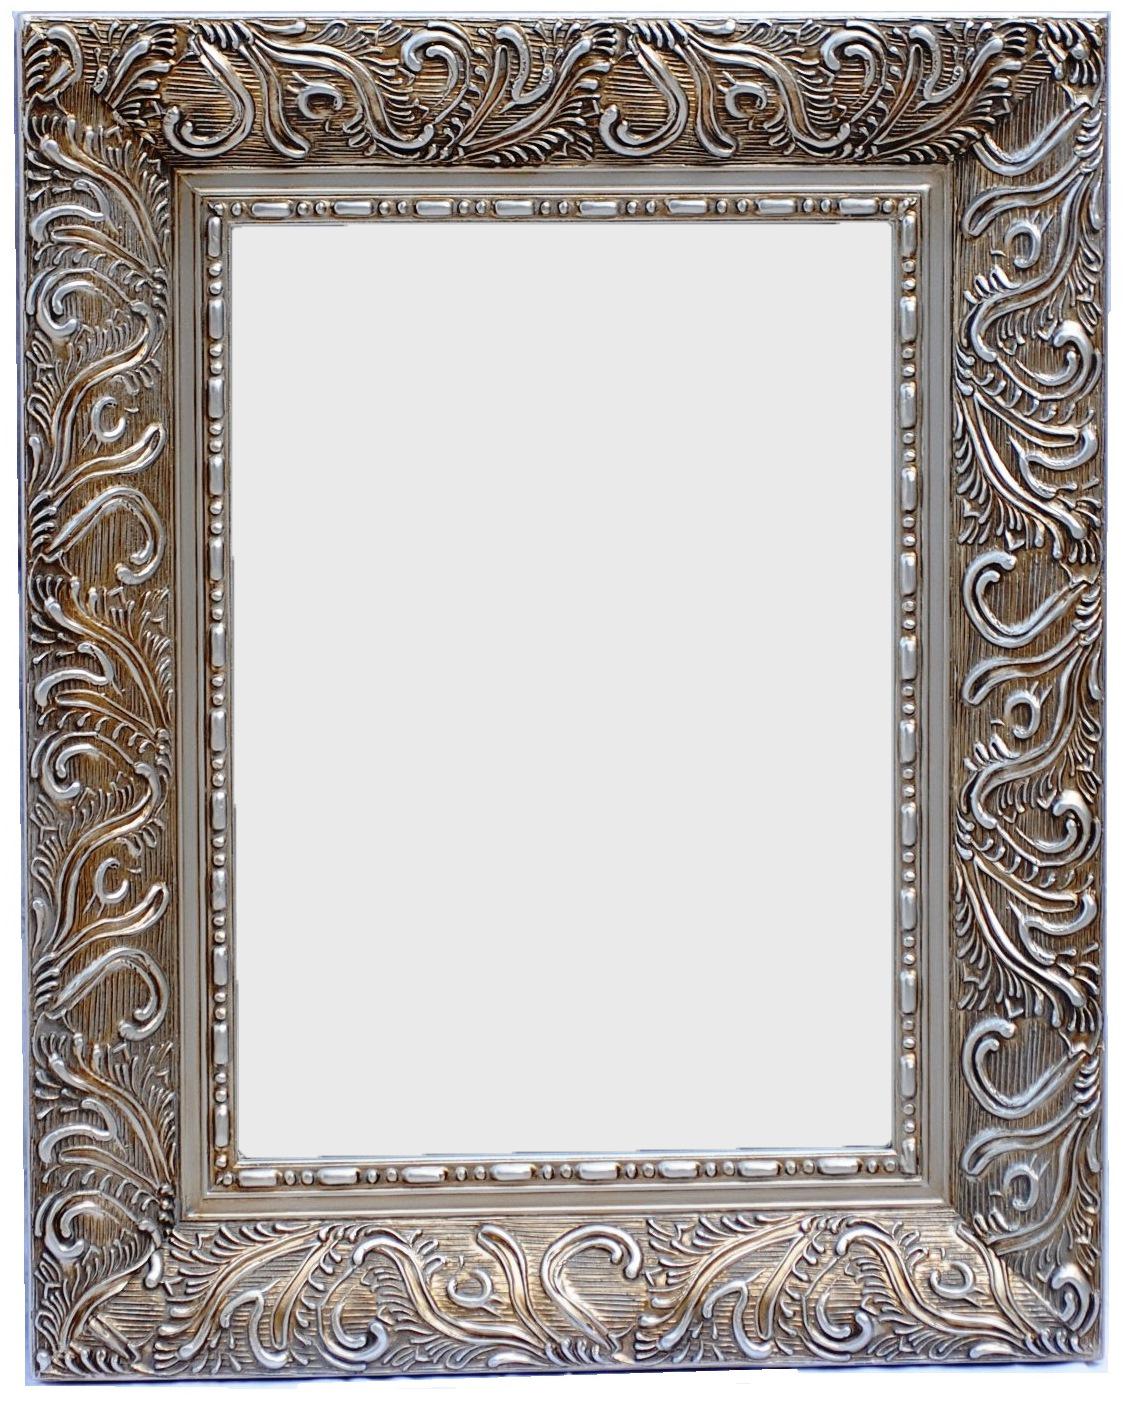 Καθρέπτης Ξύλινος Royal Art 50x70εκ. INA3/3115/70SL (Υλικό: Ξύλο) - Royal Art Collection - INA3/3115/70SL